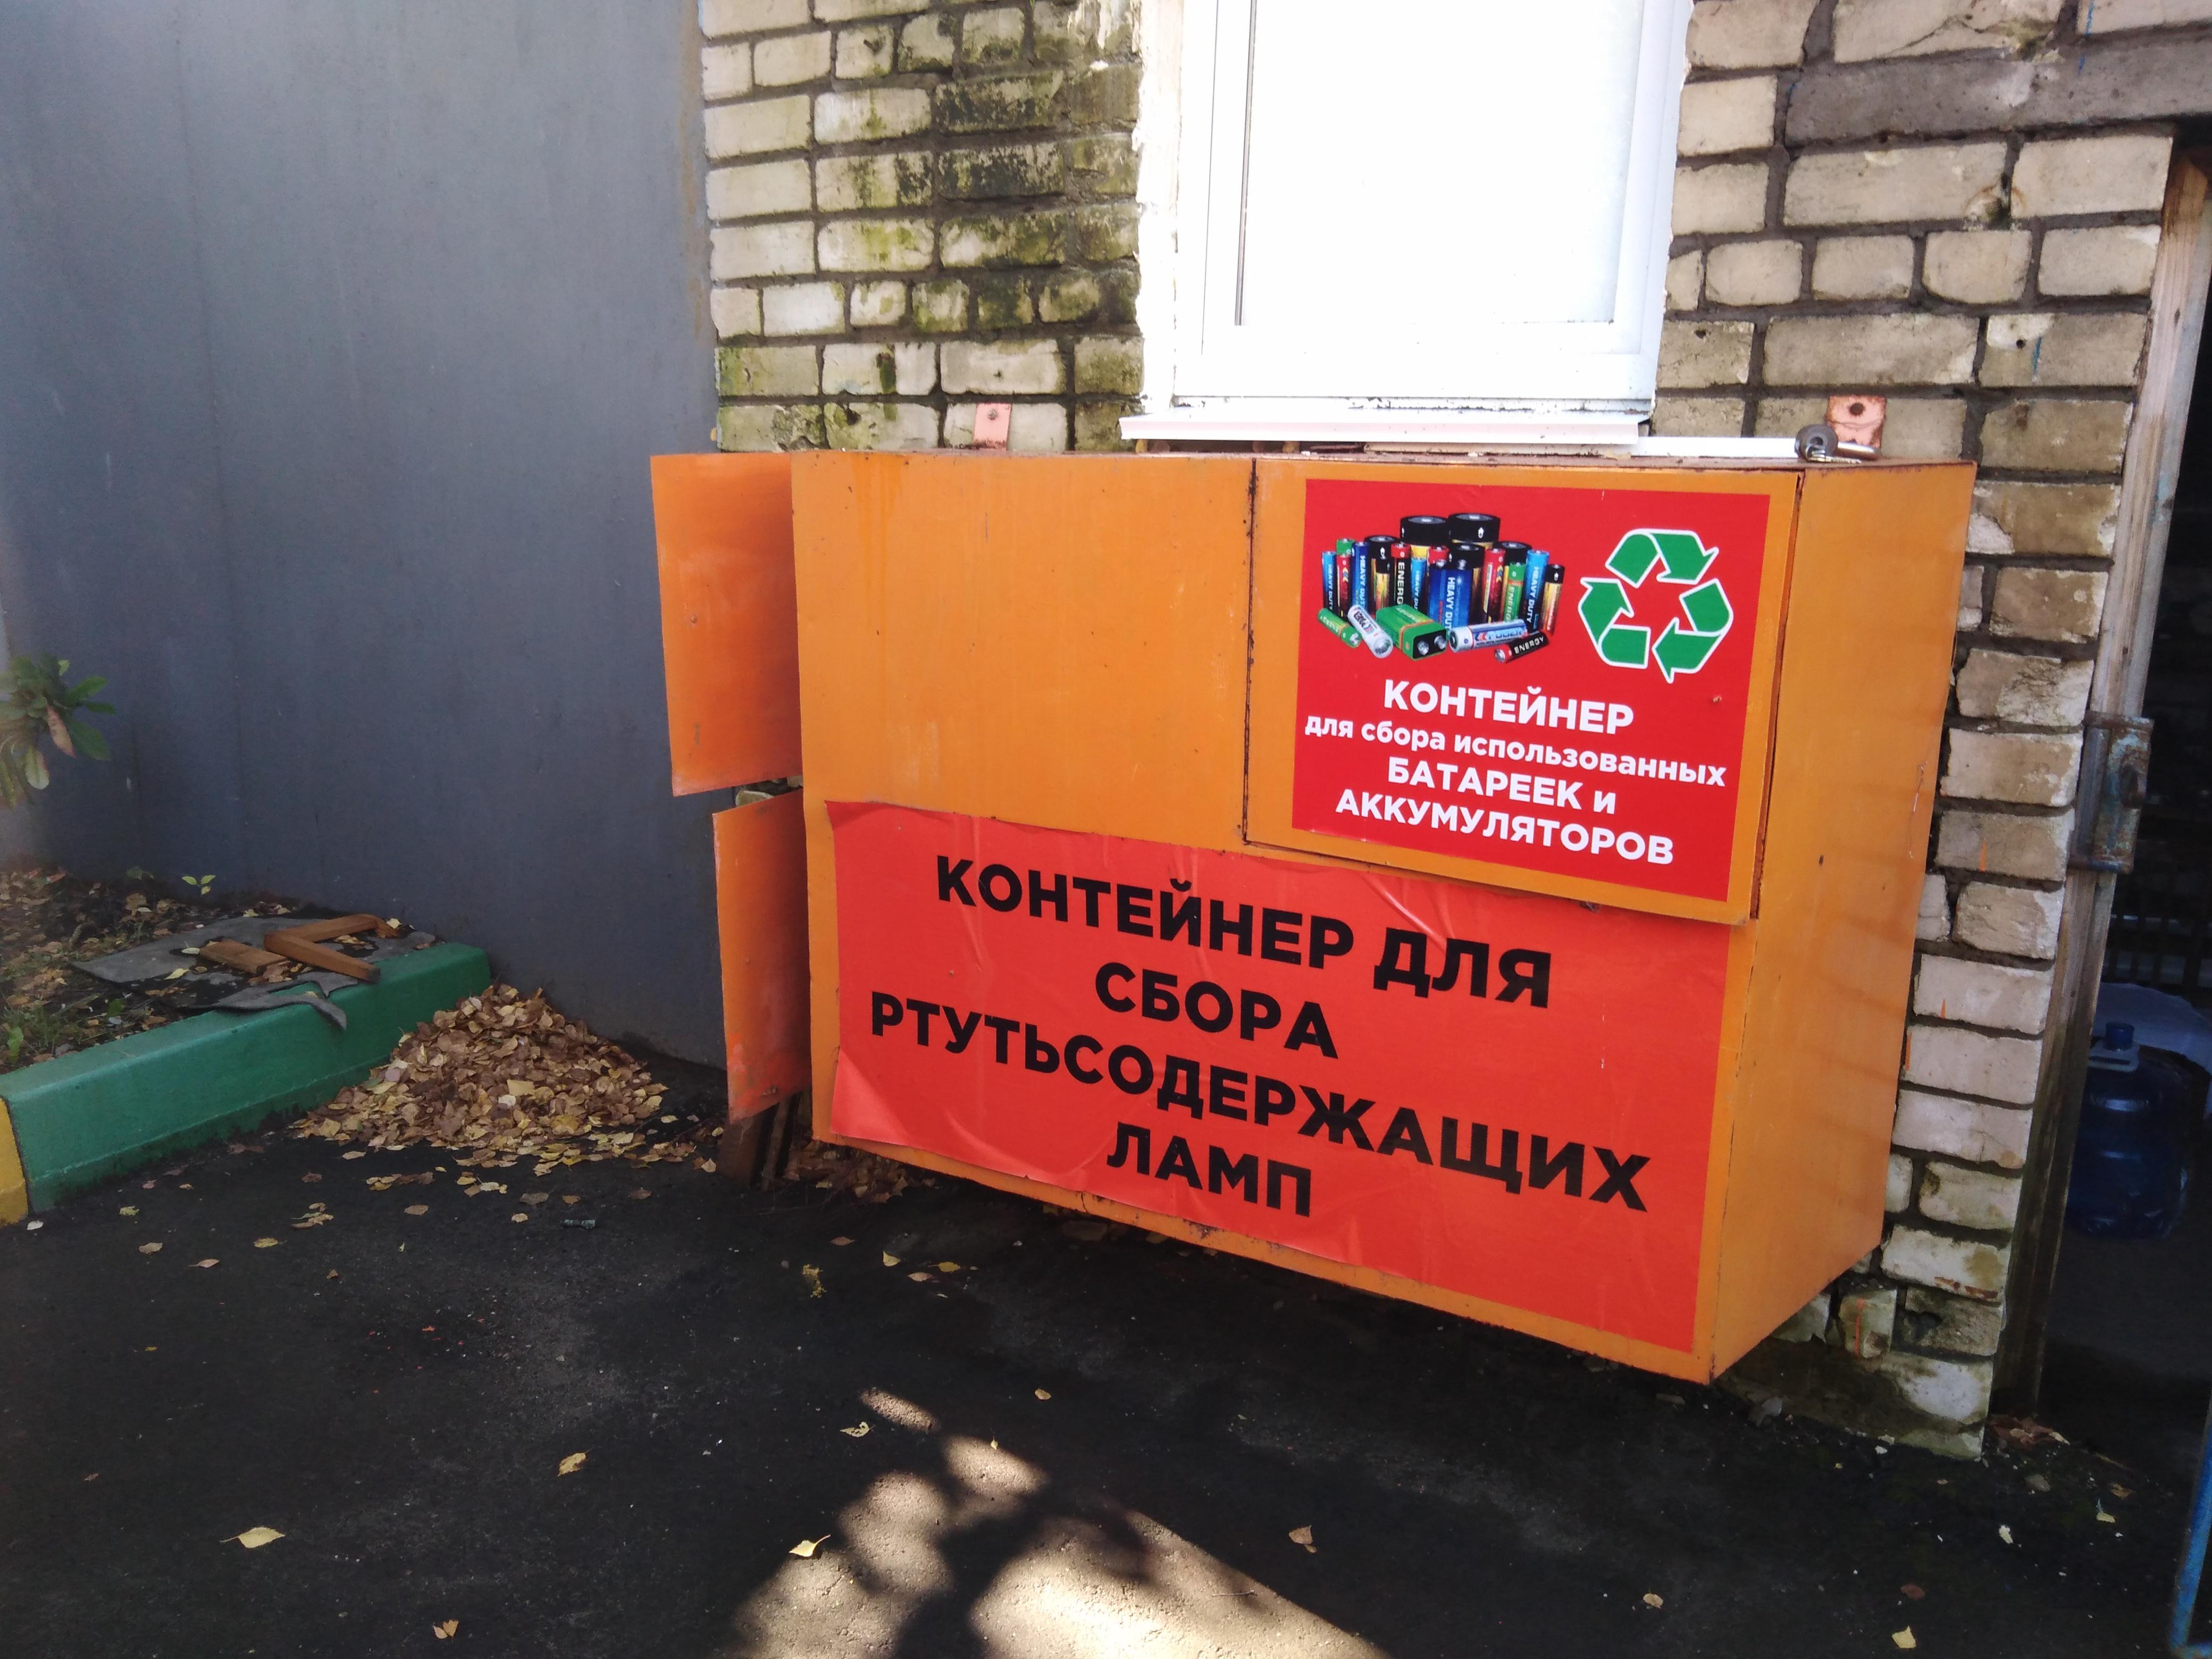 Инструкция: где в Воронеже сдать на утилизацию ртутьсодержащую лампочку